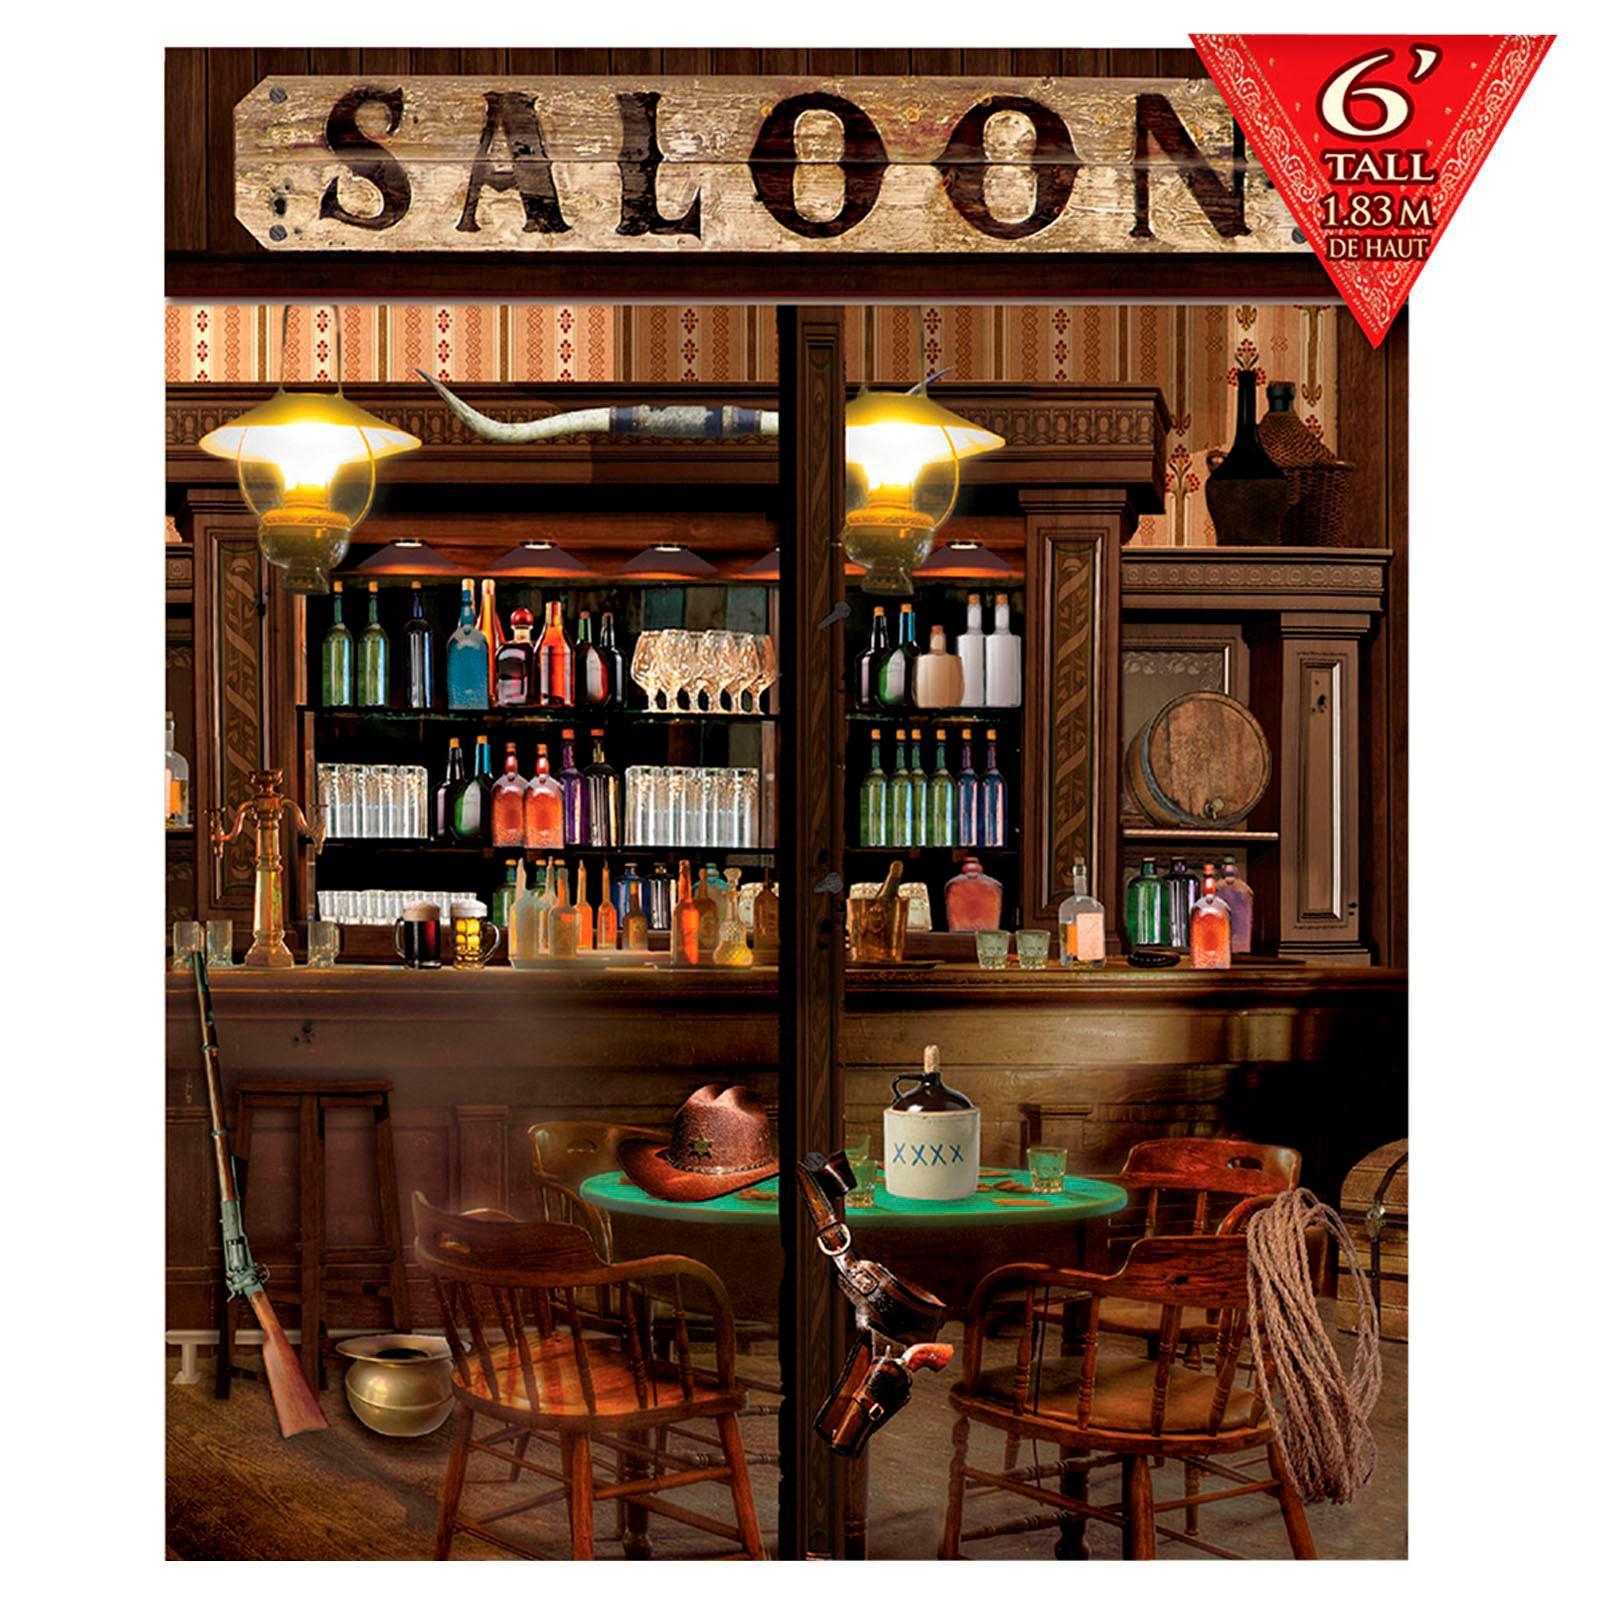 ecorados-pared-saloon-del-oeste-3